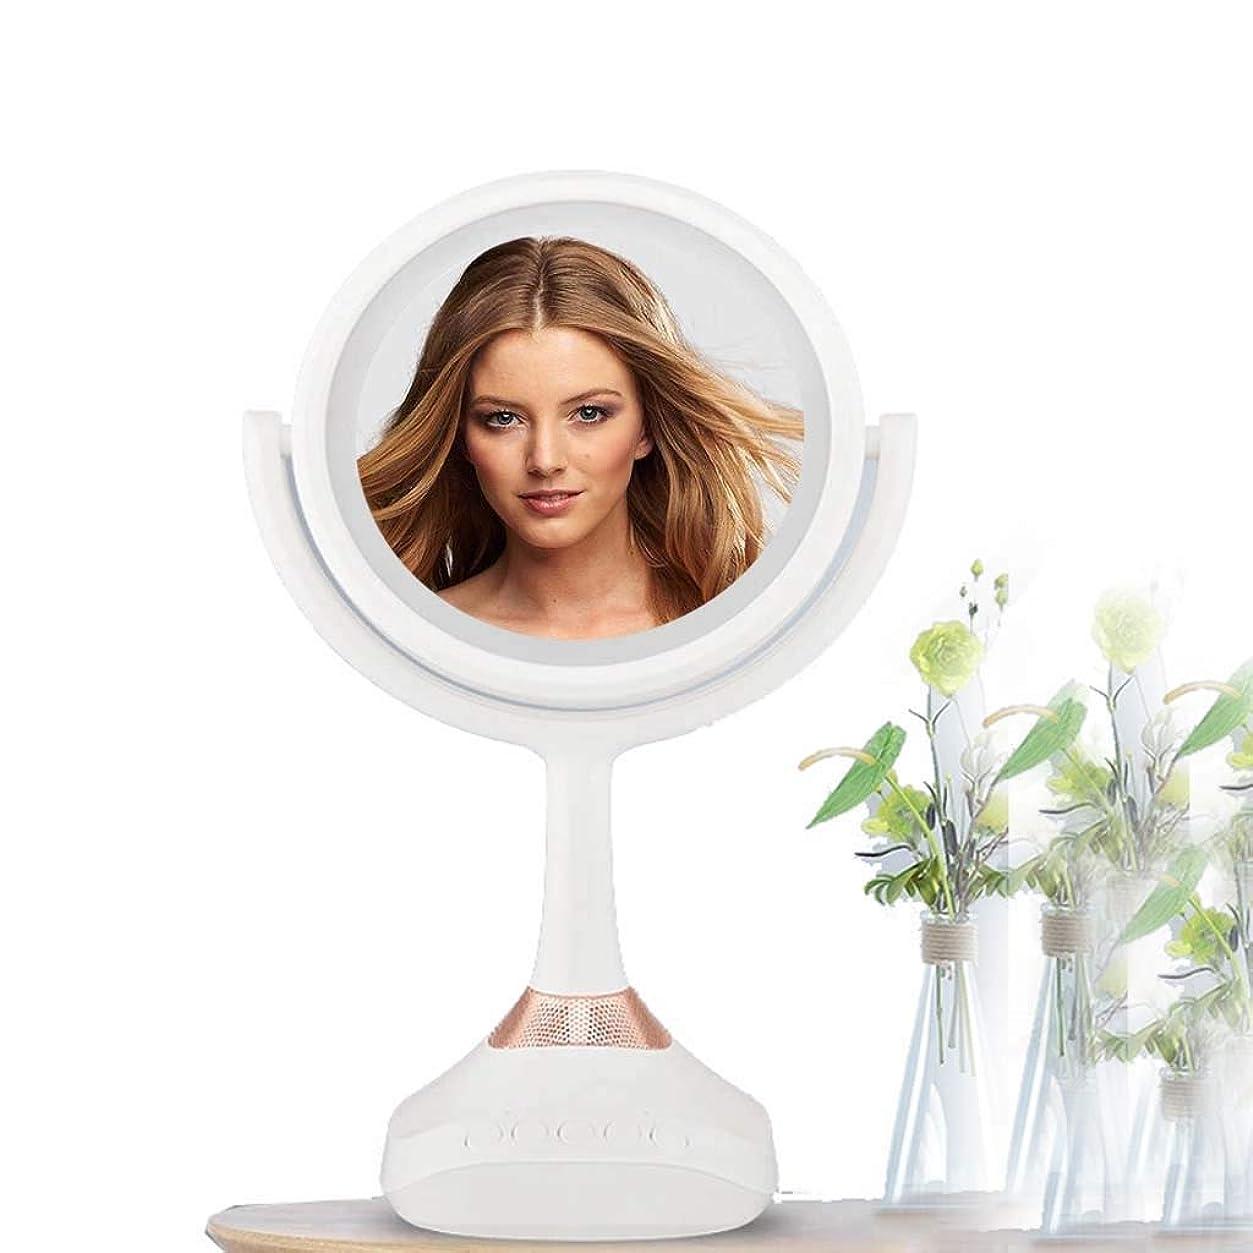 スケルトン建設木曜日照明付き化粧鏡 自然光LEDでメイクアップミラー明るさ調節可能なUSB充電式180度回転タッチボタンポータブルトラベル化粧品化粧鏡シェービングミラーライト付き化粧鏡 化粧鏡 (Color : White, Size : 6 inches)